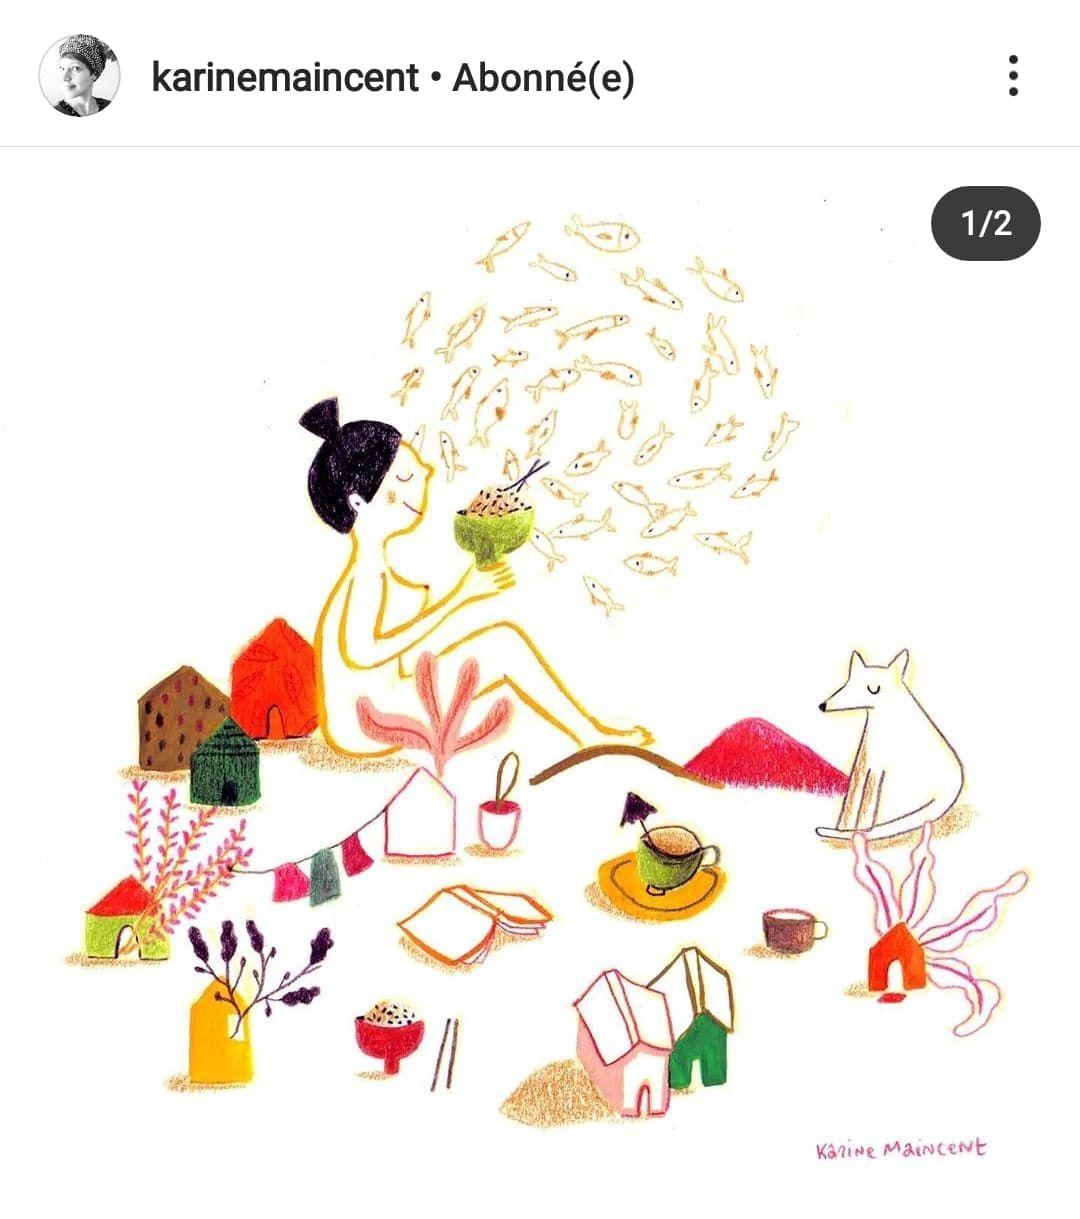 Et voici la réponse de l'illustratrice Karine Maincent